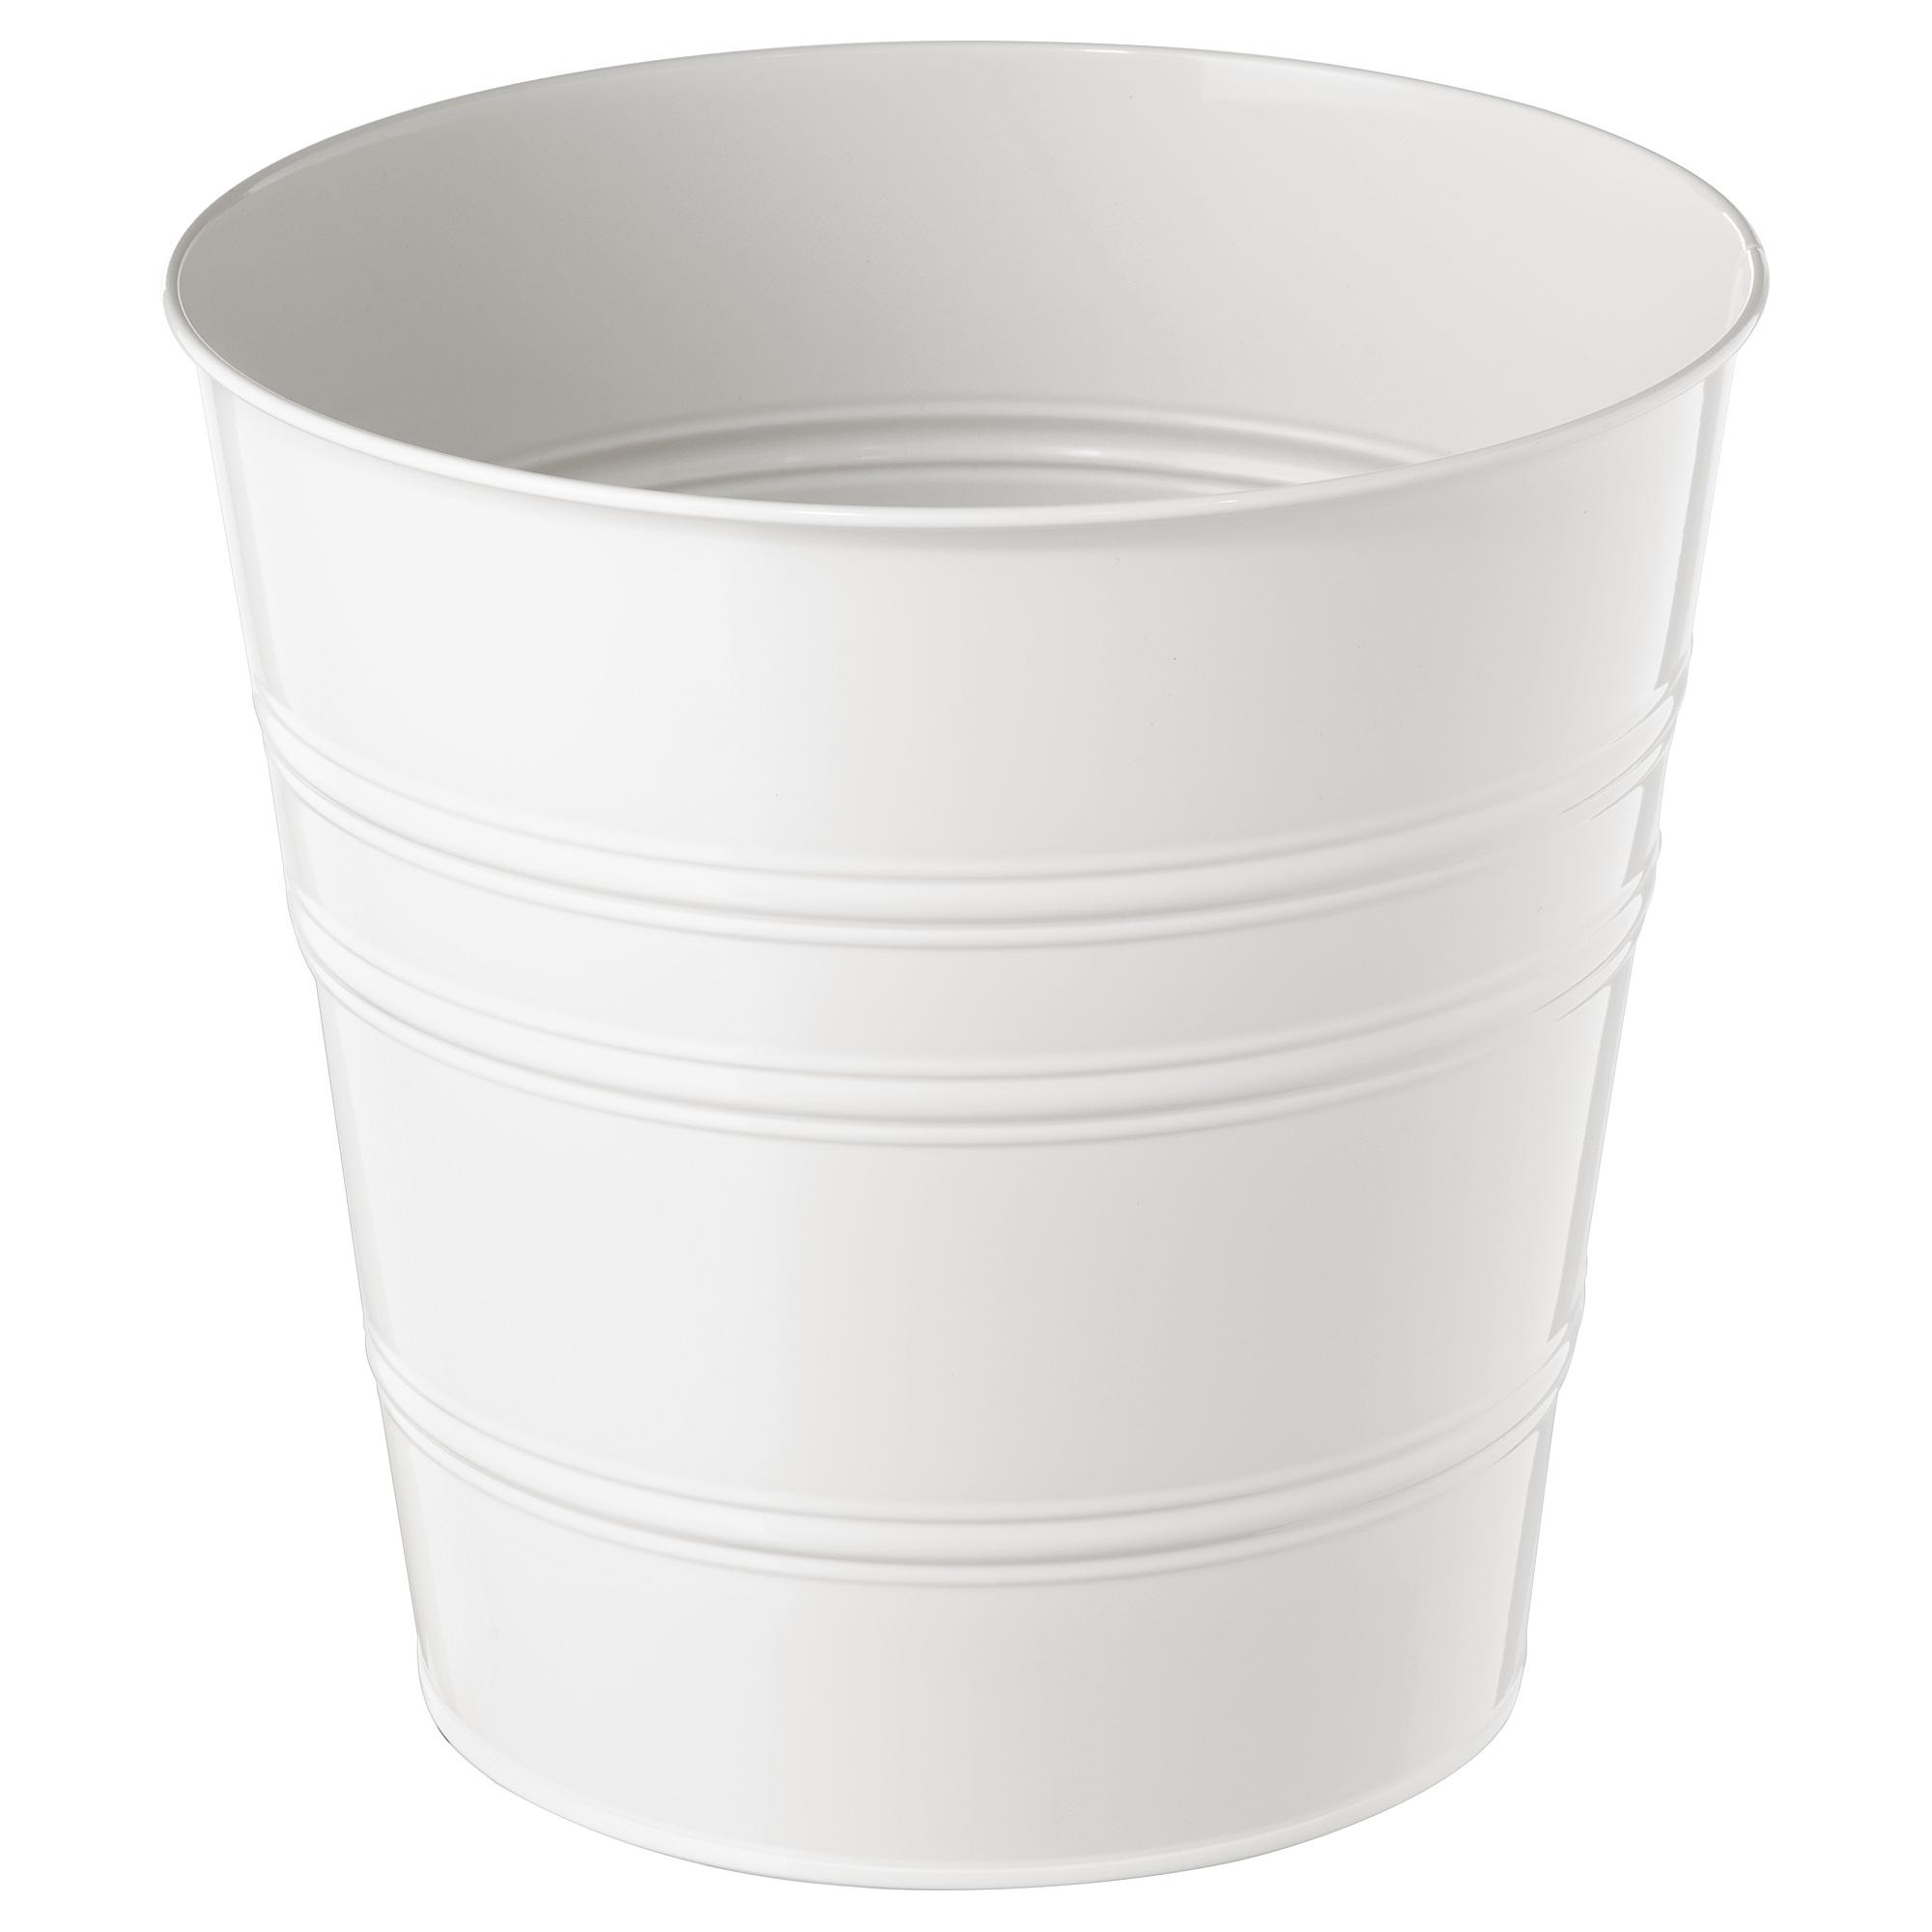 Кашпо СОККЕР белый артикуль № 104.140.09 в наличии. Интернет каталог IKEA Минск. Недорогая доставка и монтаж.